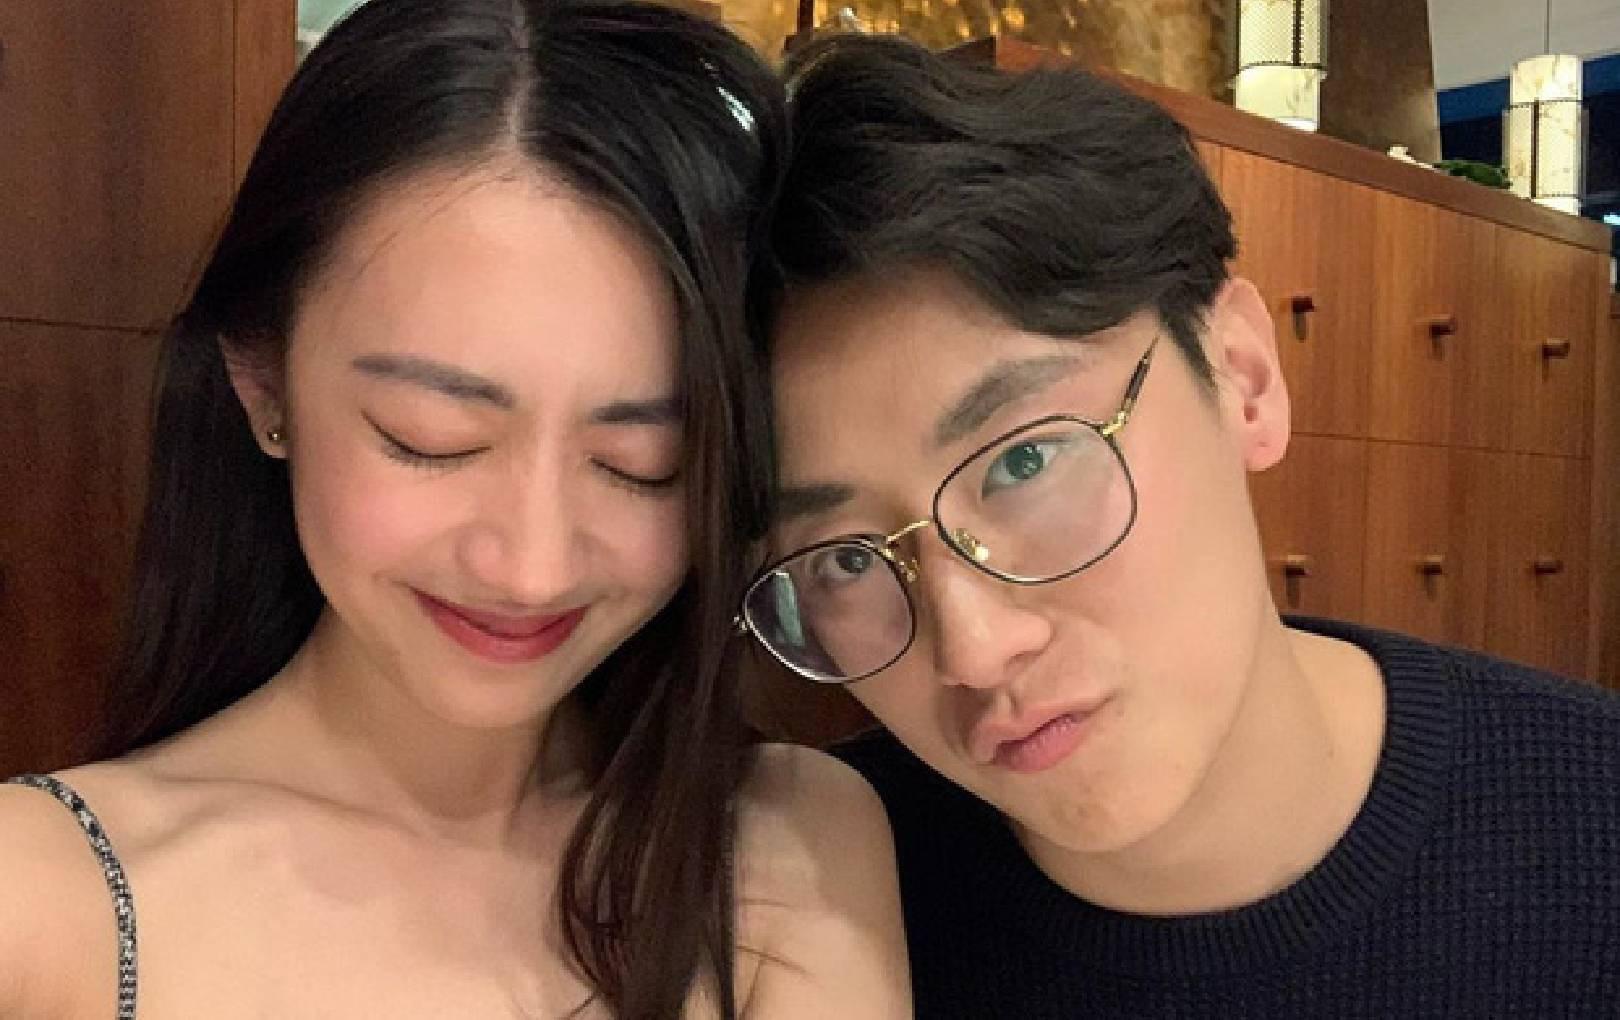 Dù bận rộn, Rocker Nguyễn không quên đi hẹn hò và gửi lời cực tình đến bạn gái